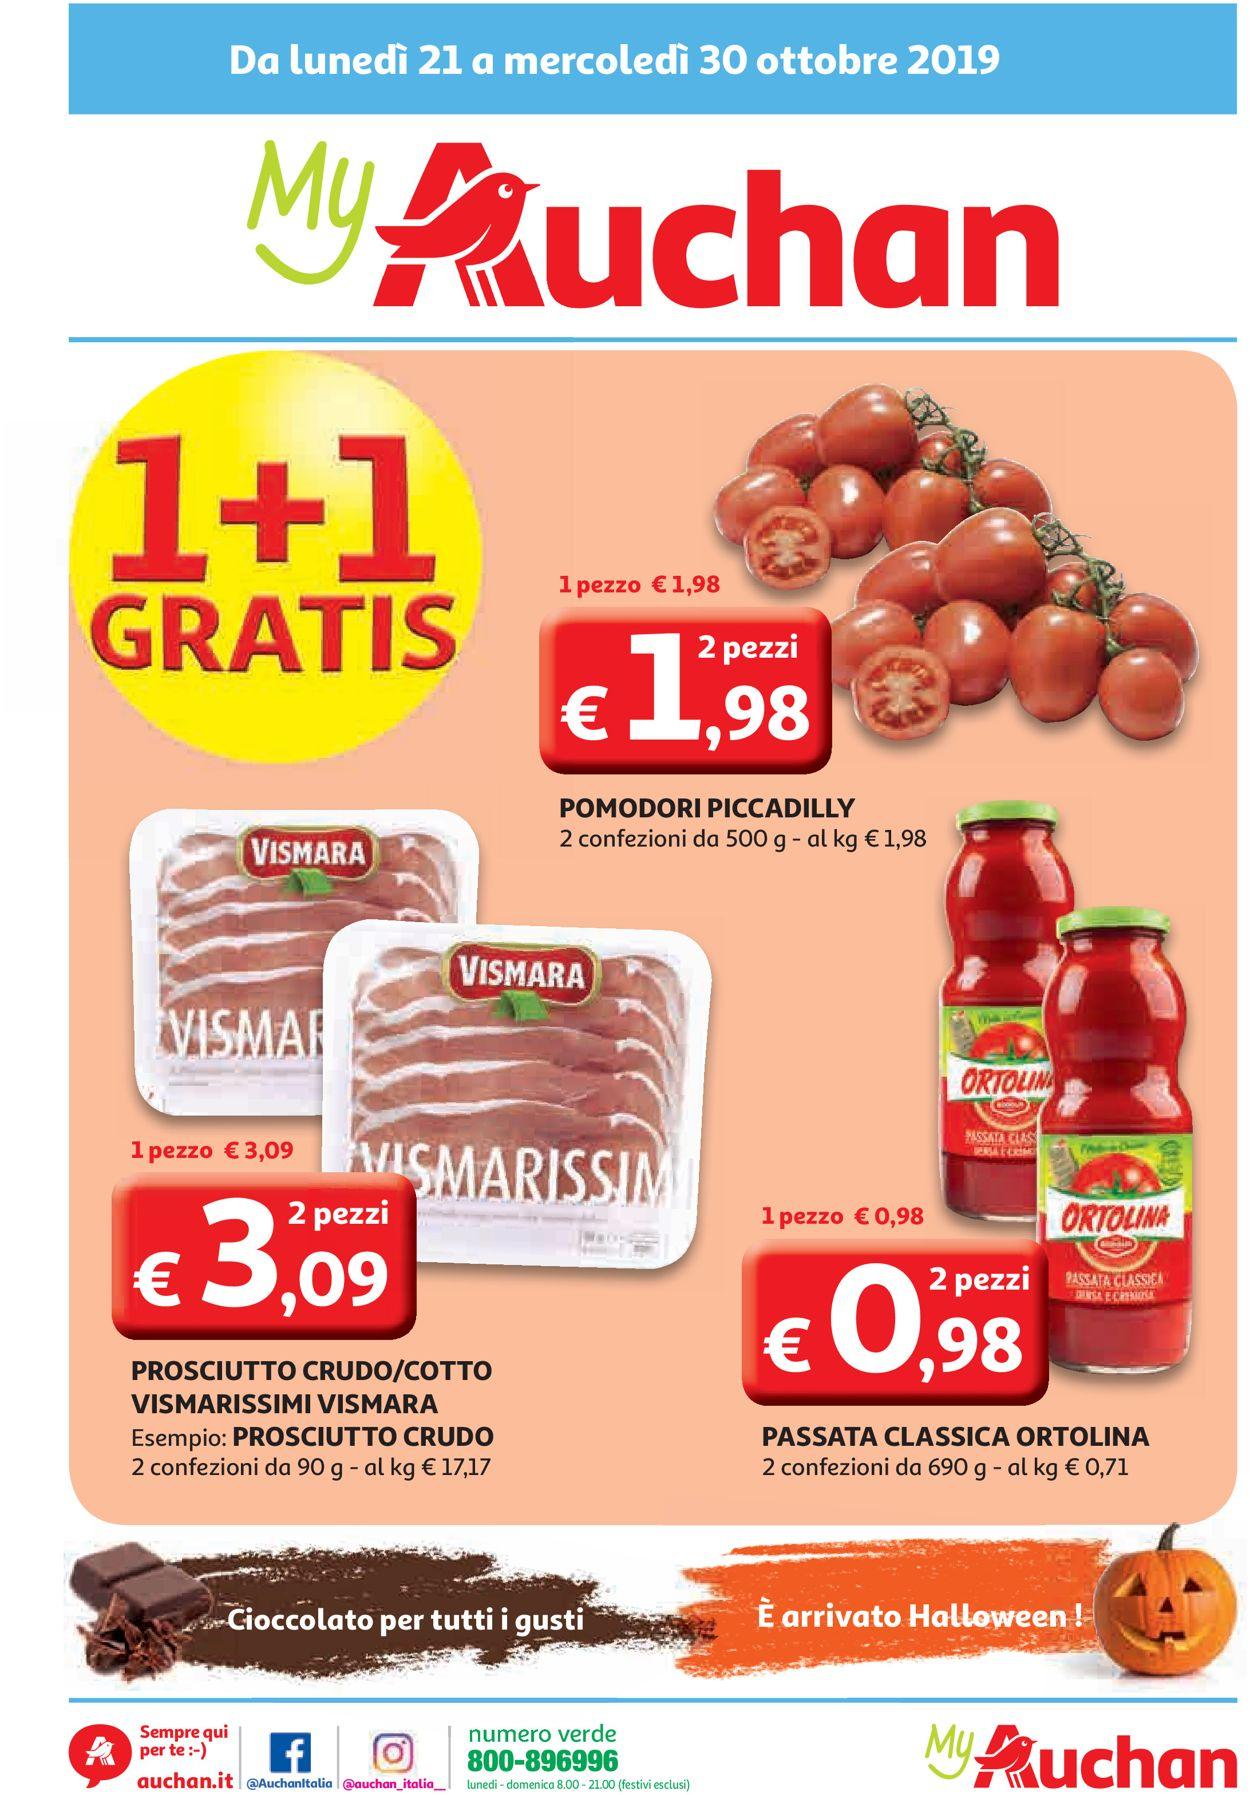 Volantino Auchan - Offerte 21/10-30/10/2019